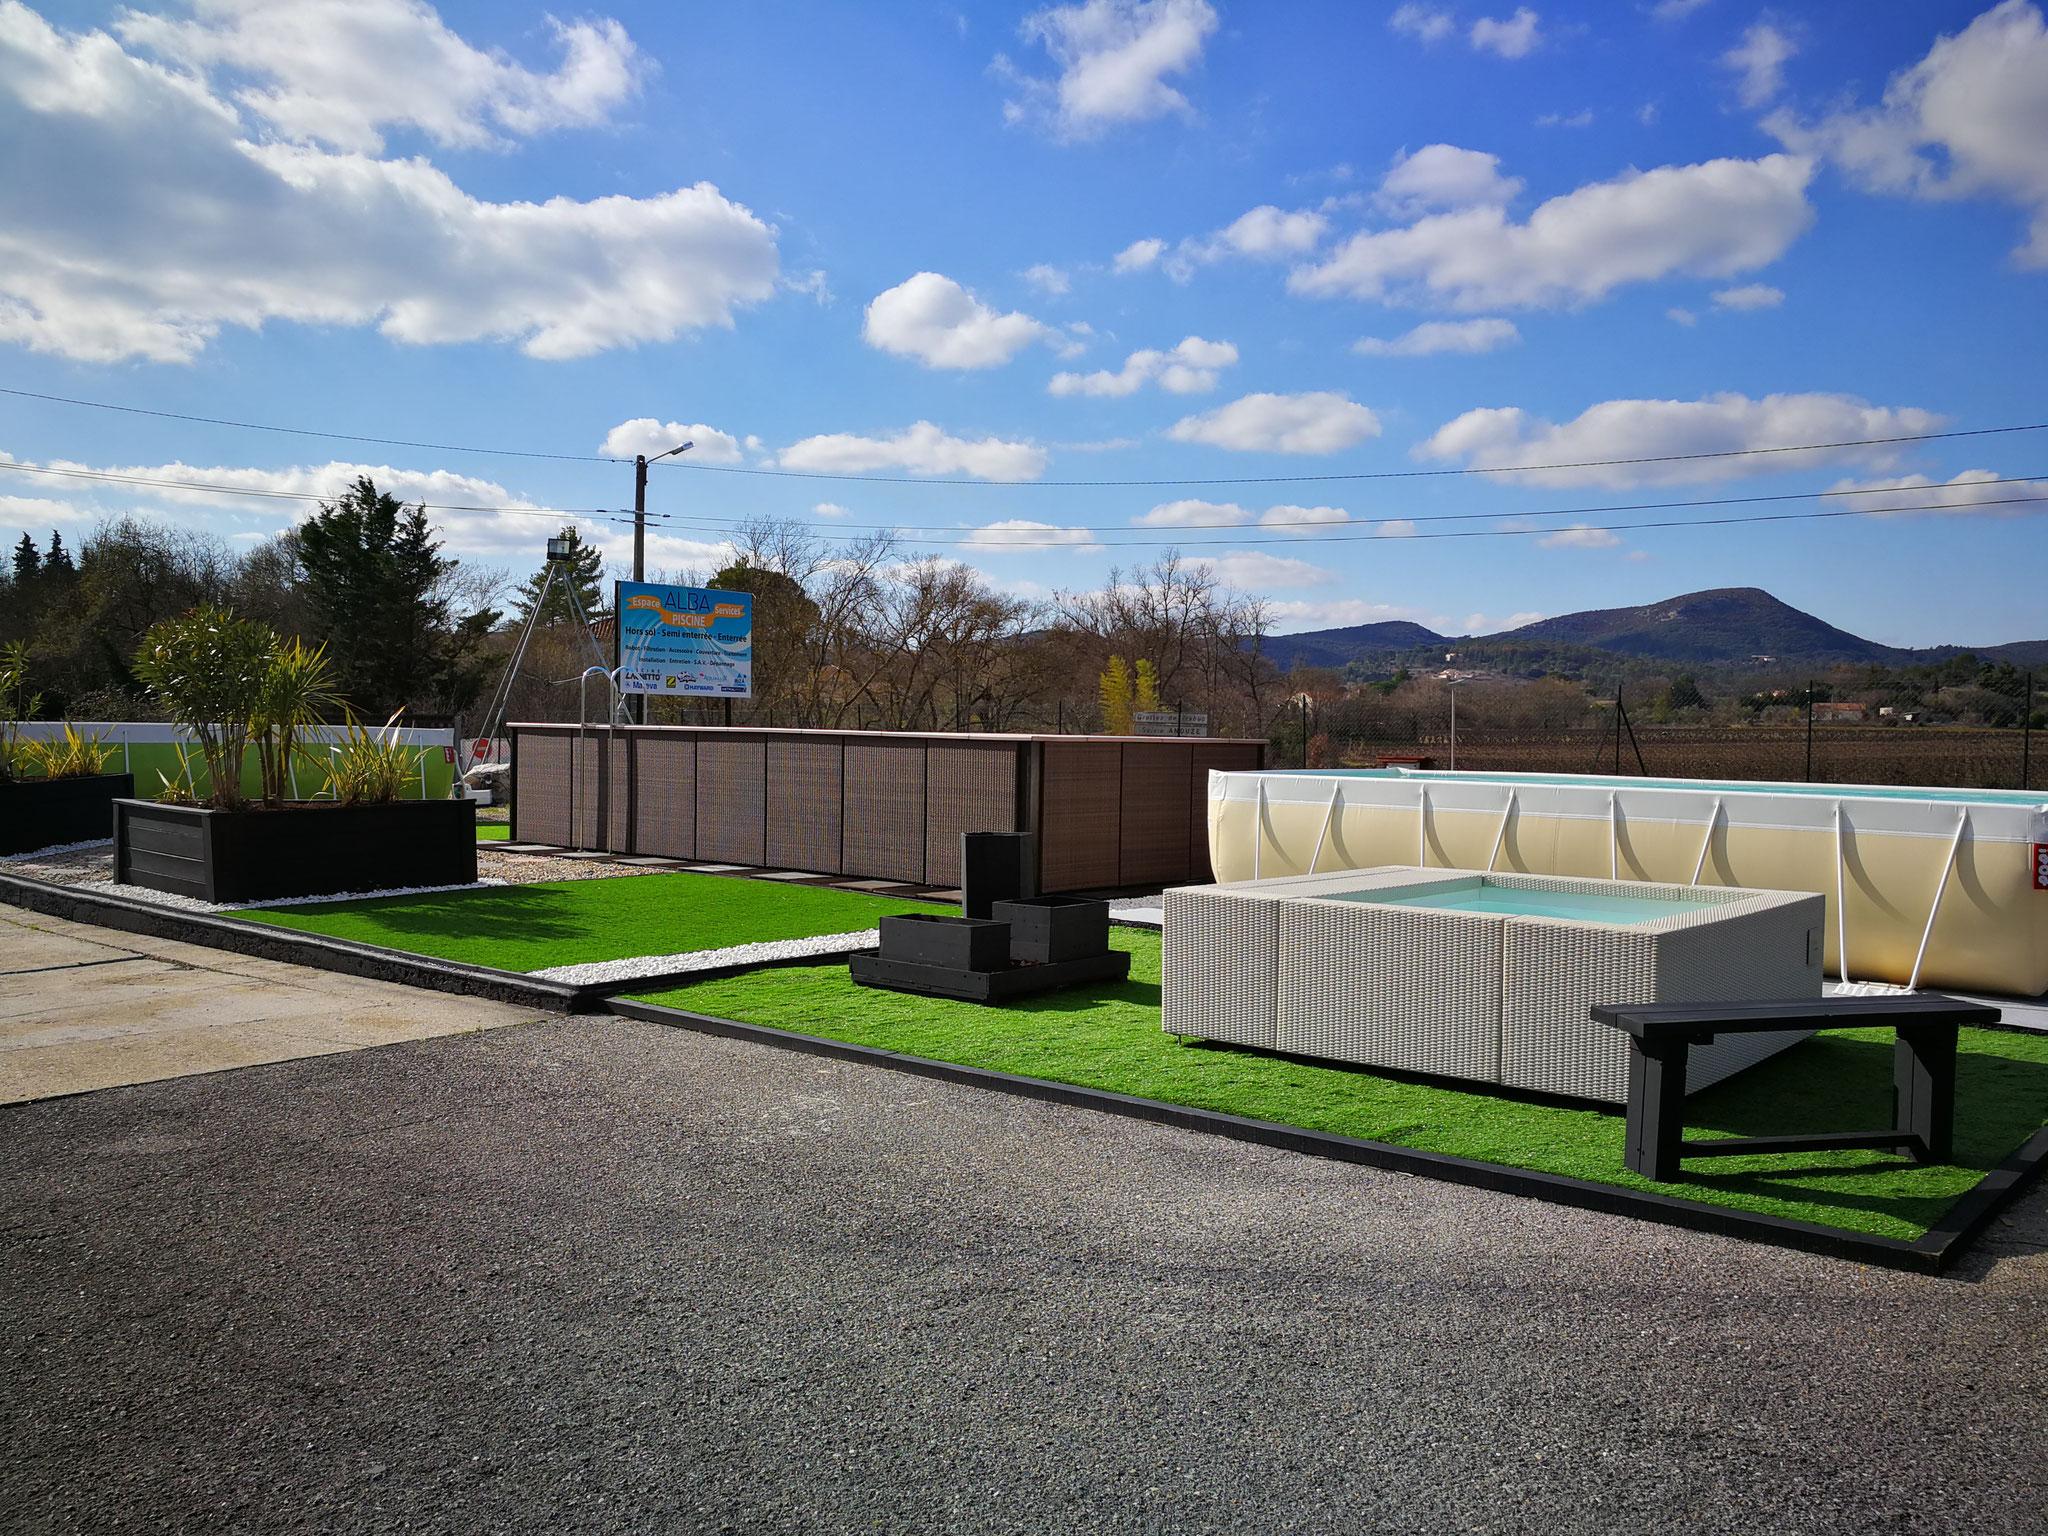 Boutique piscines hors sol et enterrées Laghetto® à Saint Christol les Alès proche de Quissac. Exposition permanente de 8 piscines et spas.